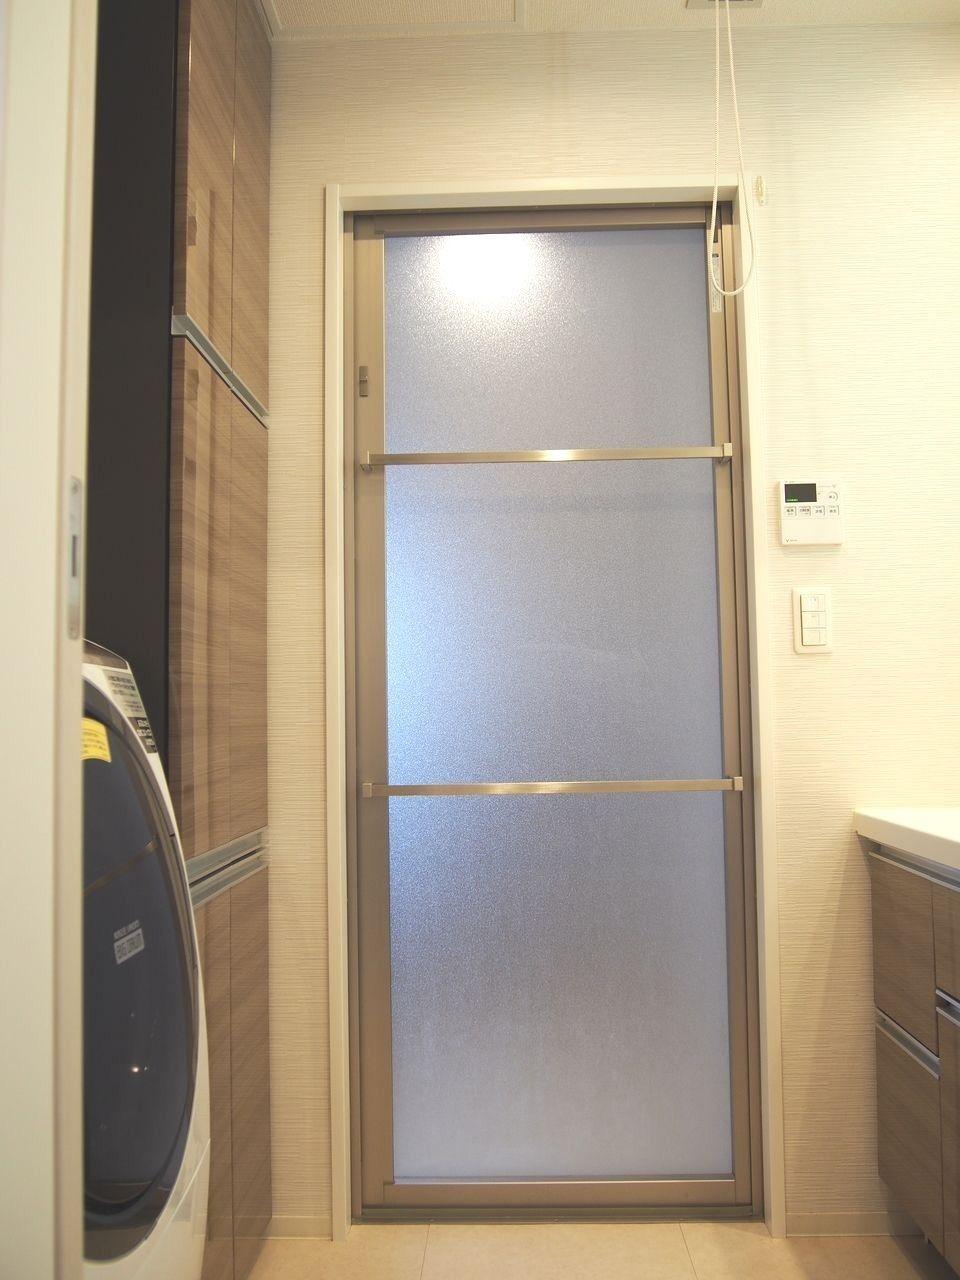 カビが発生しやすいドア縁のパッキンを排除し、換気口をドア上部に配置して汚れを付きにくくしたスッキリドア